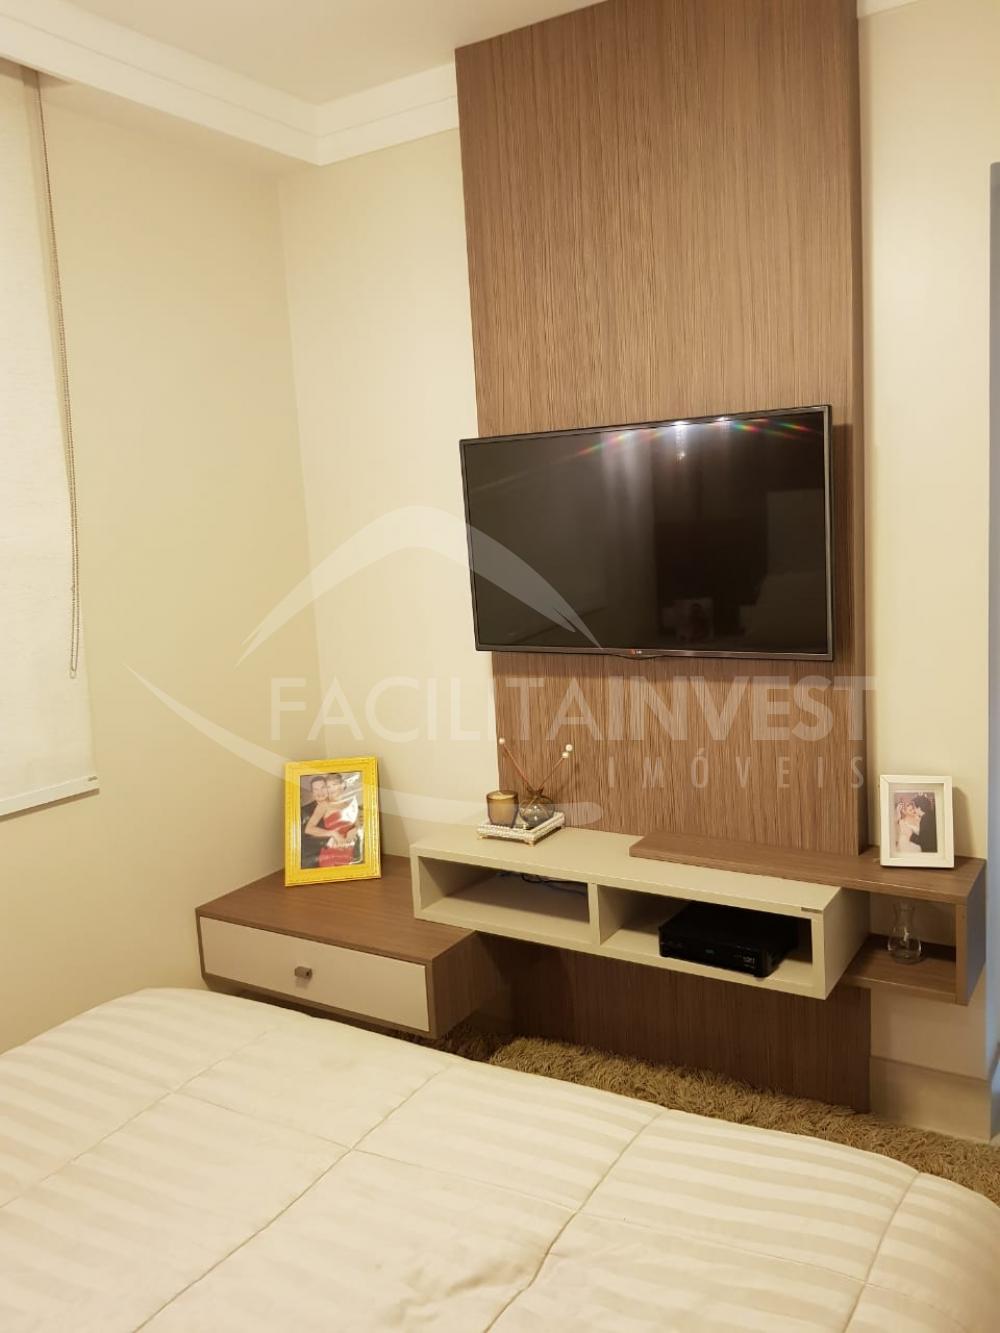 Alugar Apartamentos / Apart. Padrão em Ribeirão Preto apenas R$ 4.500,00 - Foto 12